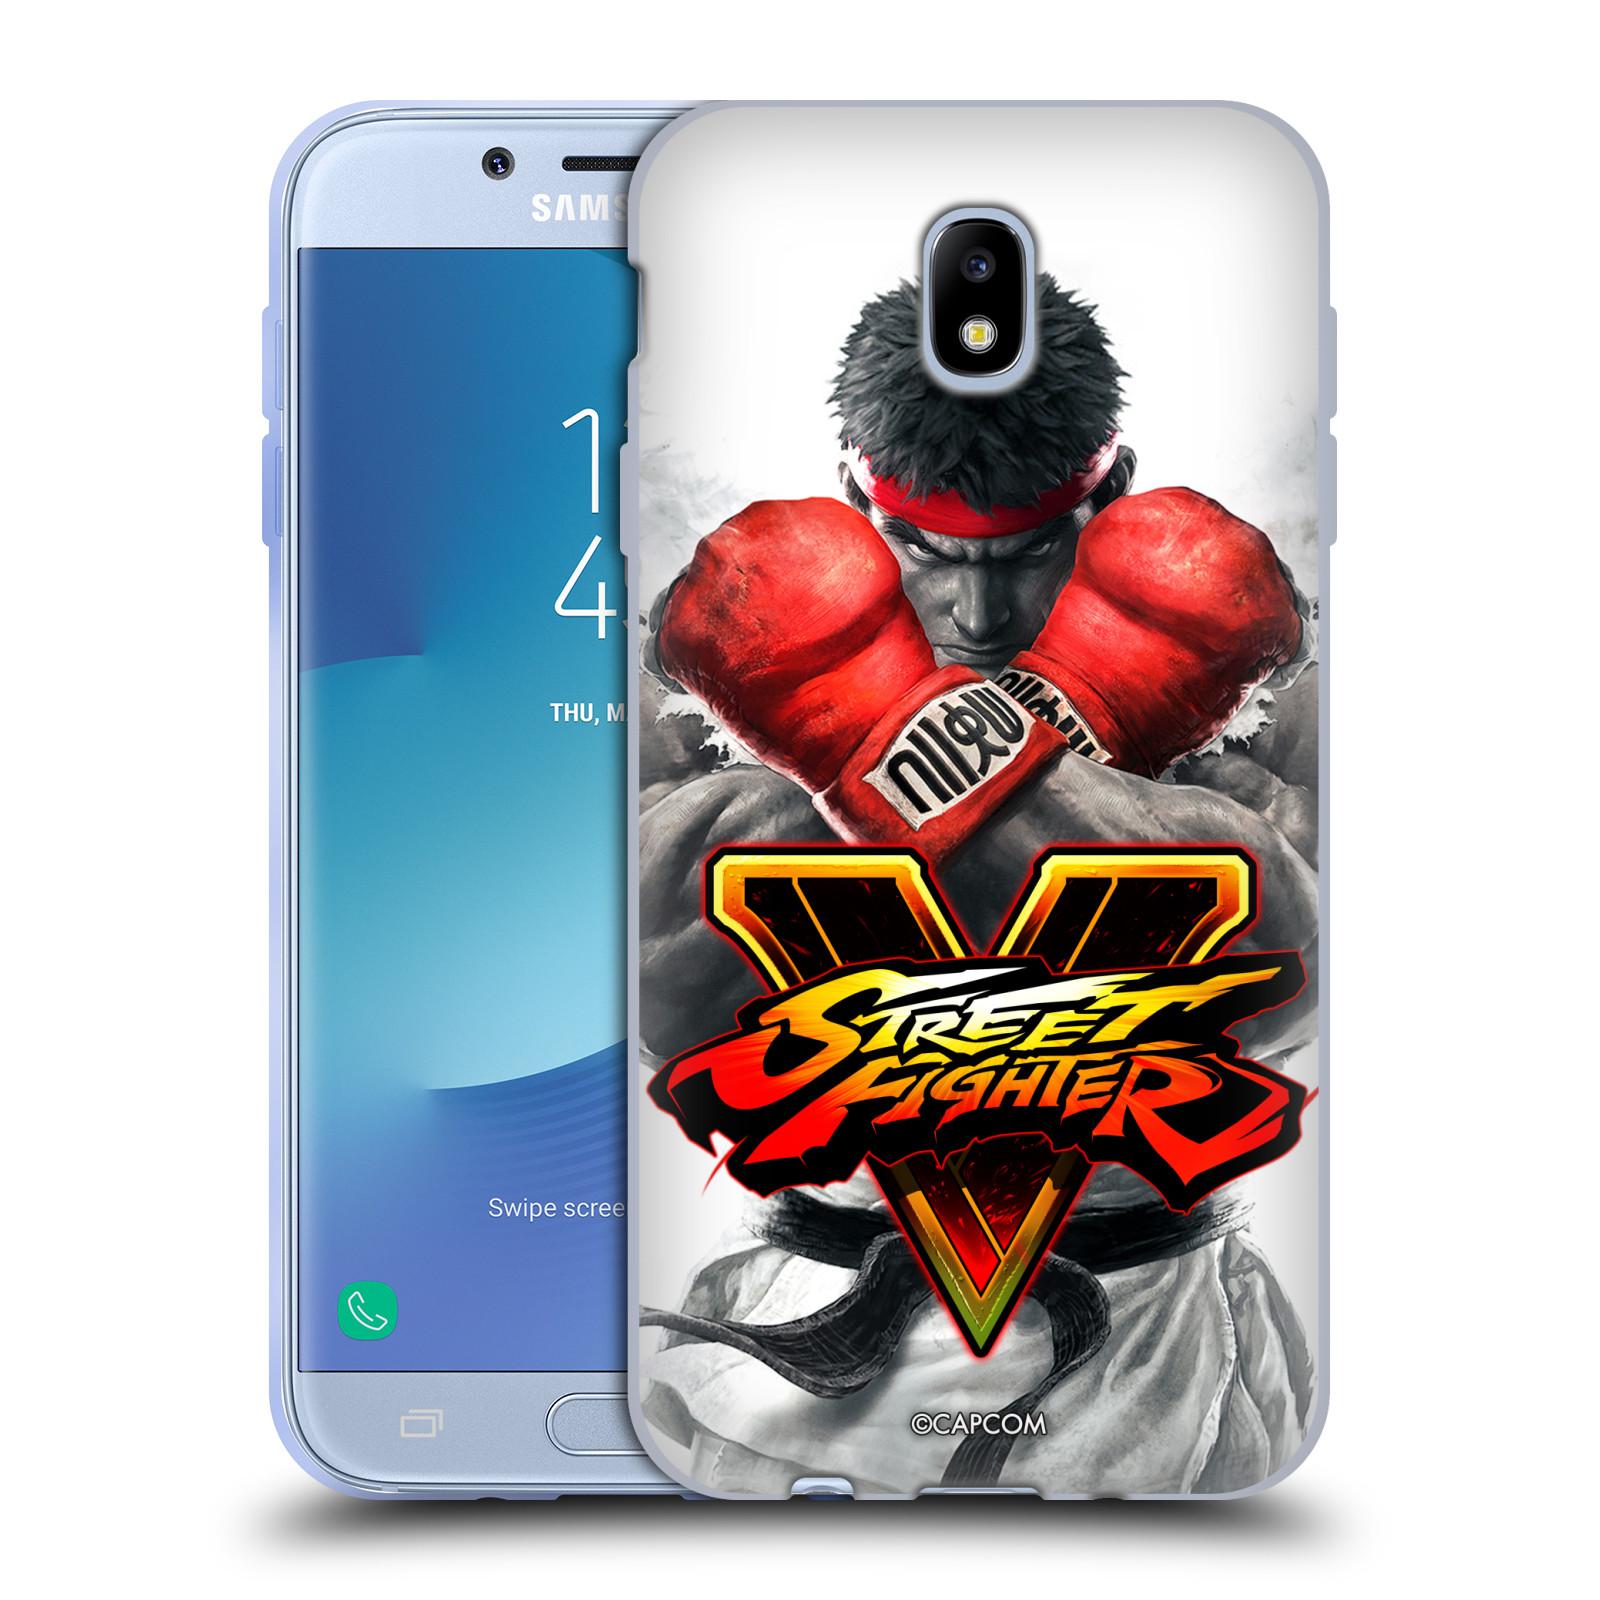 HEAD CASE silikonový obal na mobil Samsung Galaxy J7 2017 oficiální kryt STREET FIGHTER Boxer Ryu